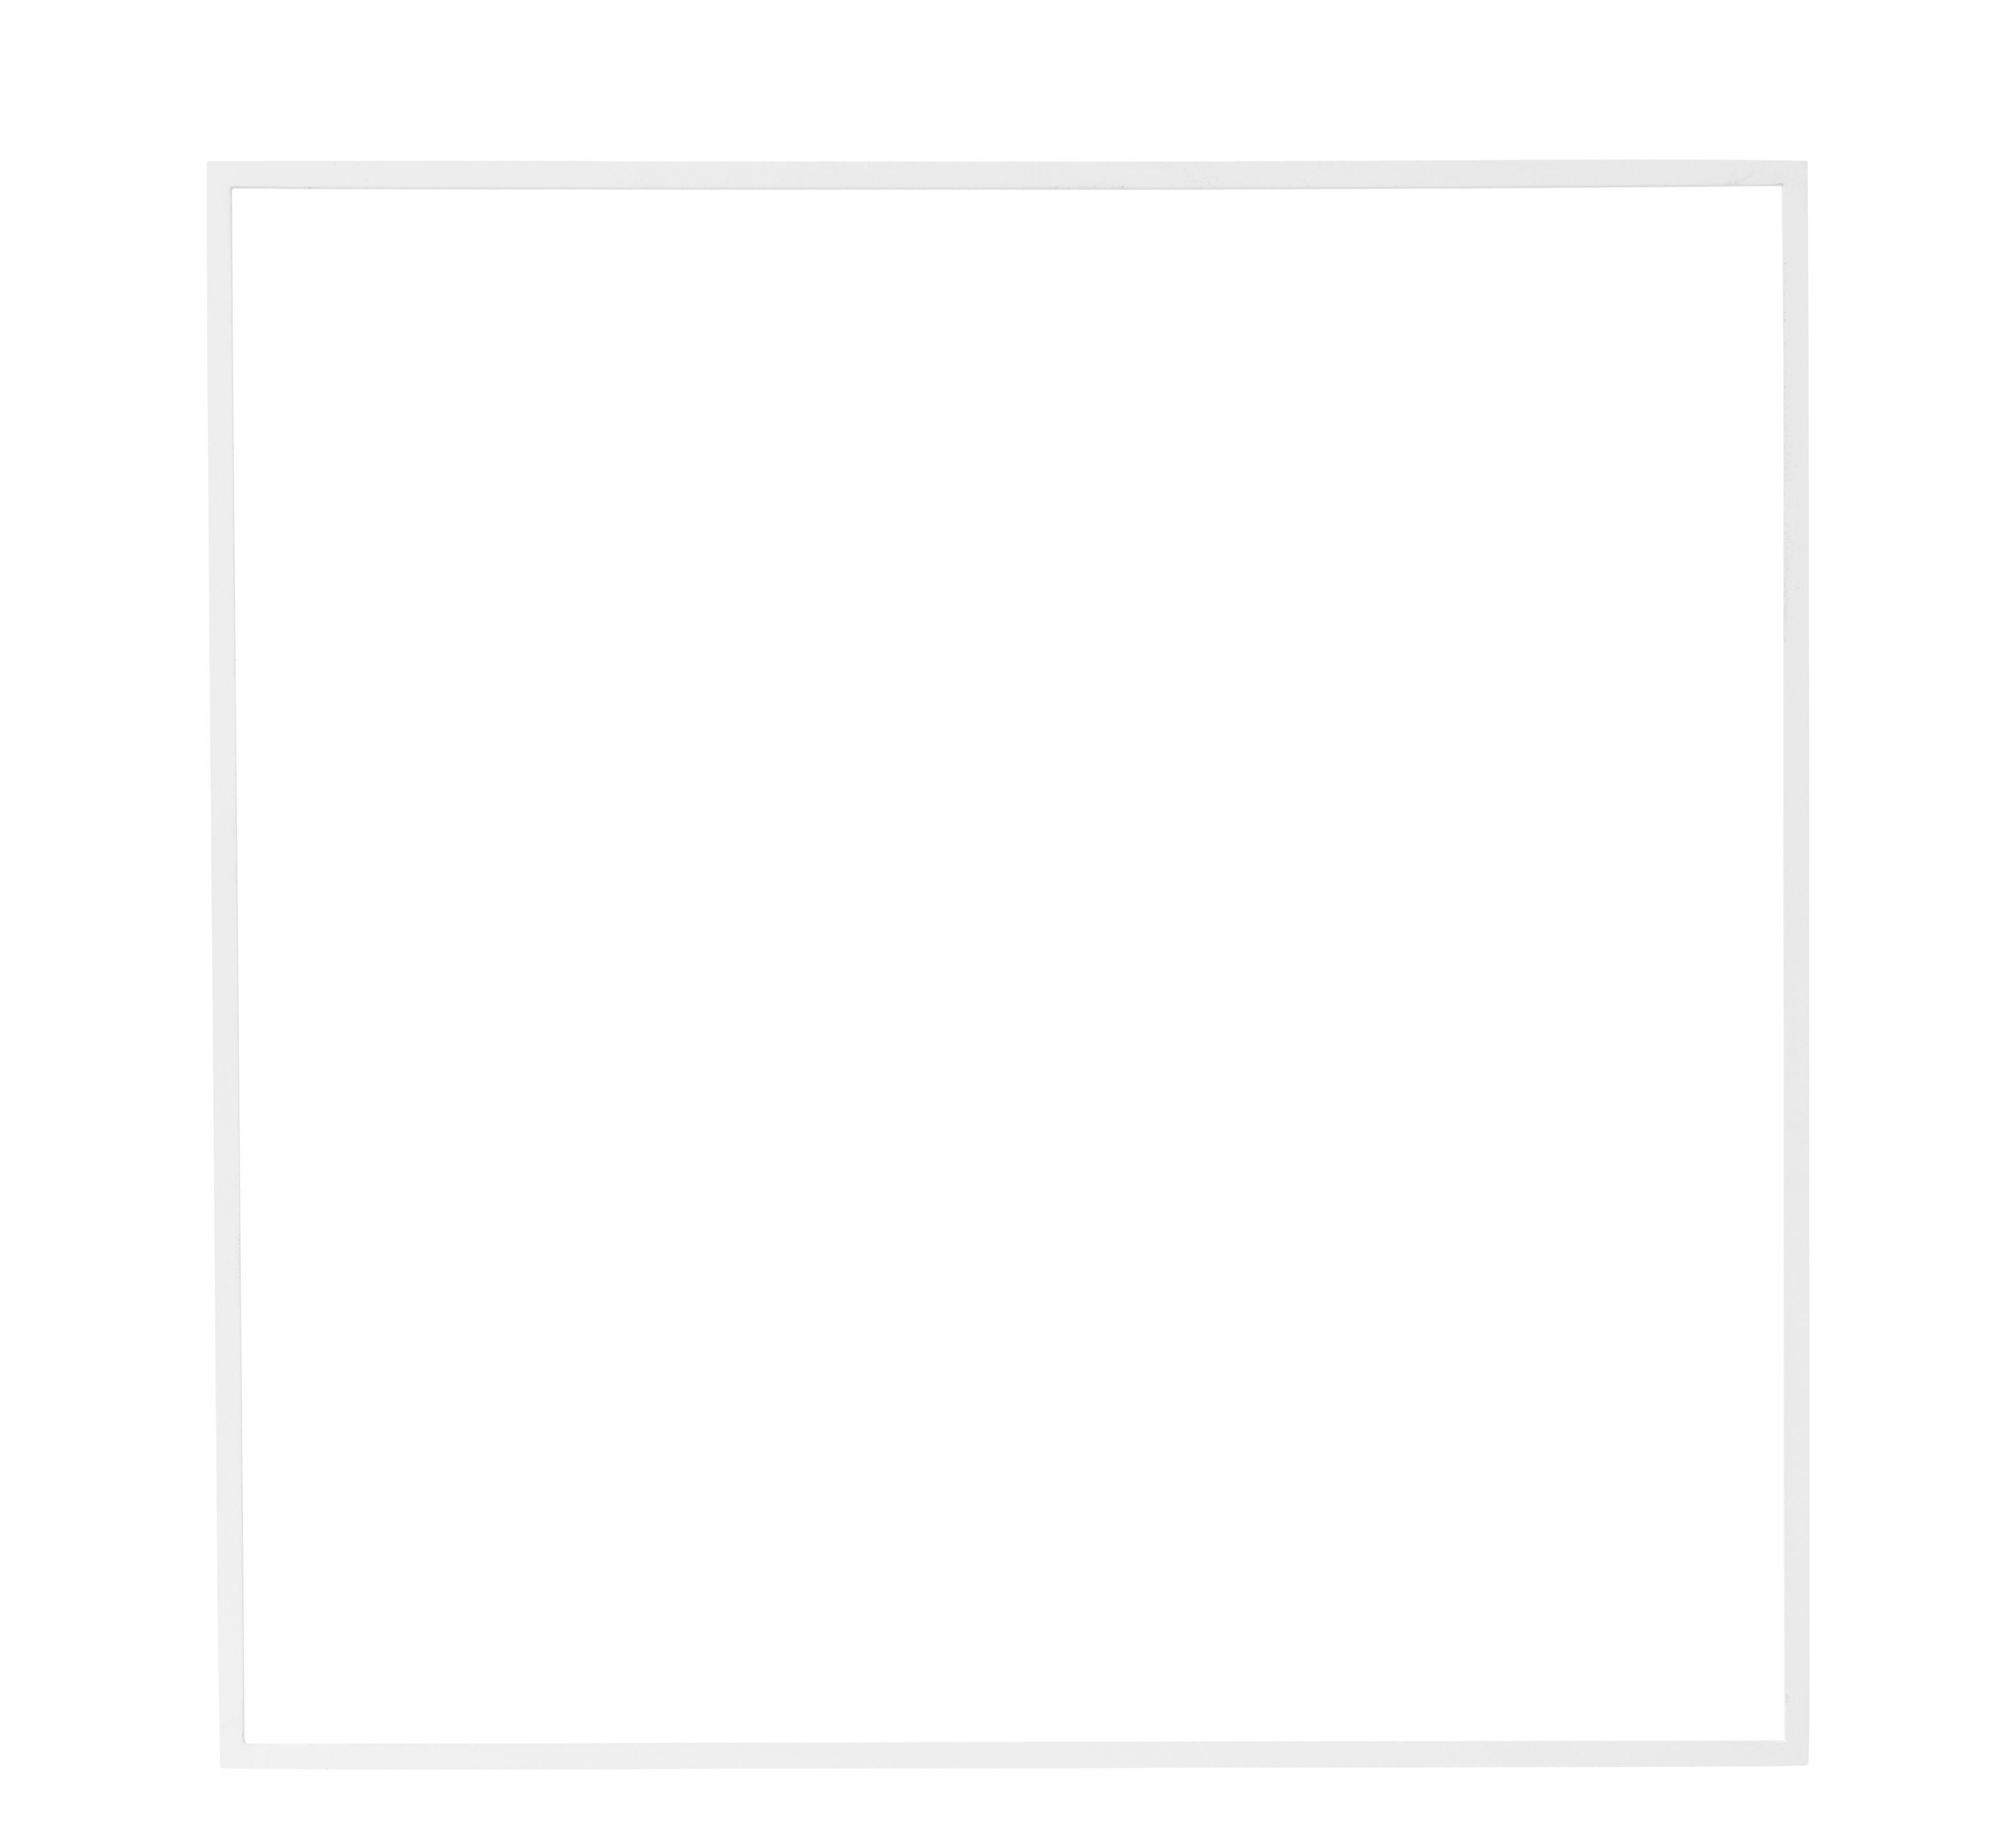 Déco - Objets déco et cadres-photos - Décoration Still Carré / 60 x 60 cm - Métal - Menu - Blanc - Acier peint